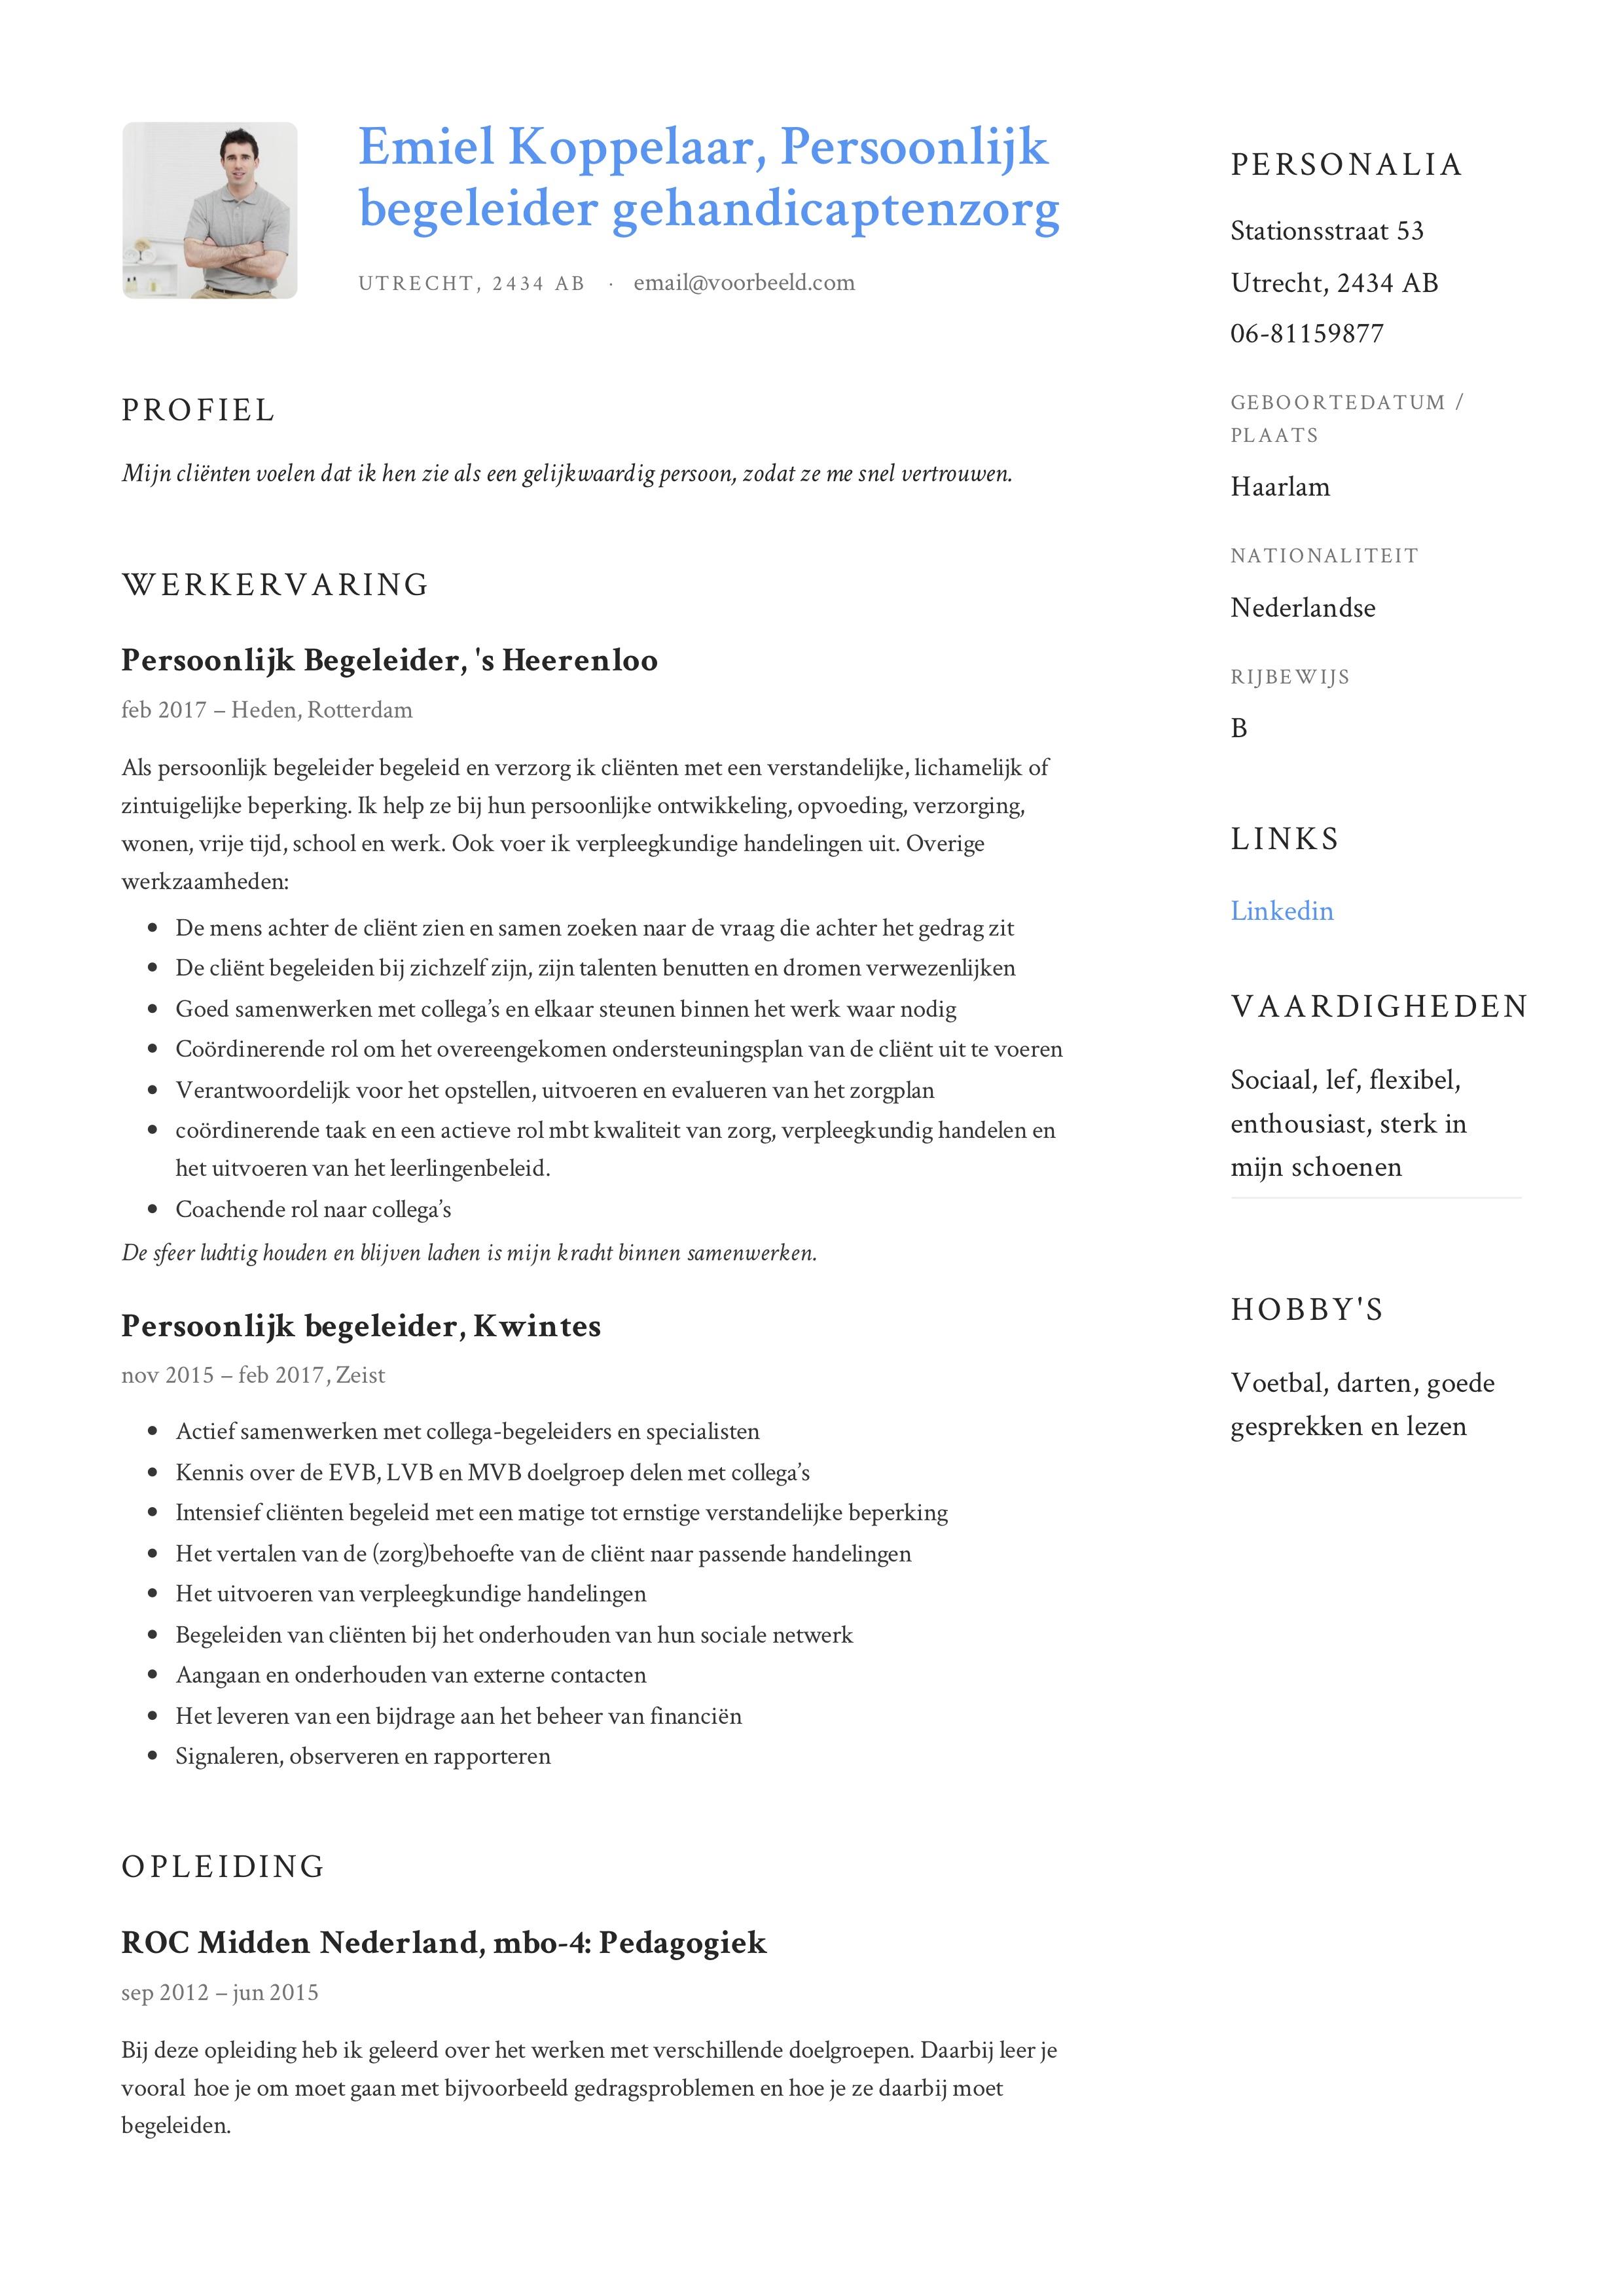 Emiel_Koppelaar_-_CV_-_Persoonlijk_begeleider_gehandicaptenzorg (5)